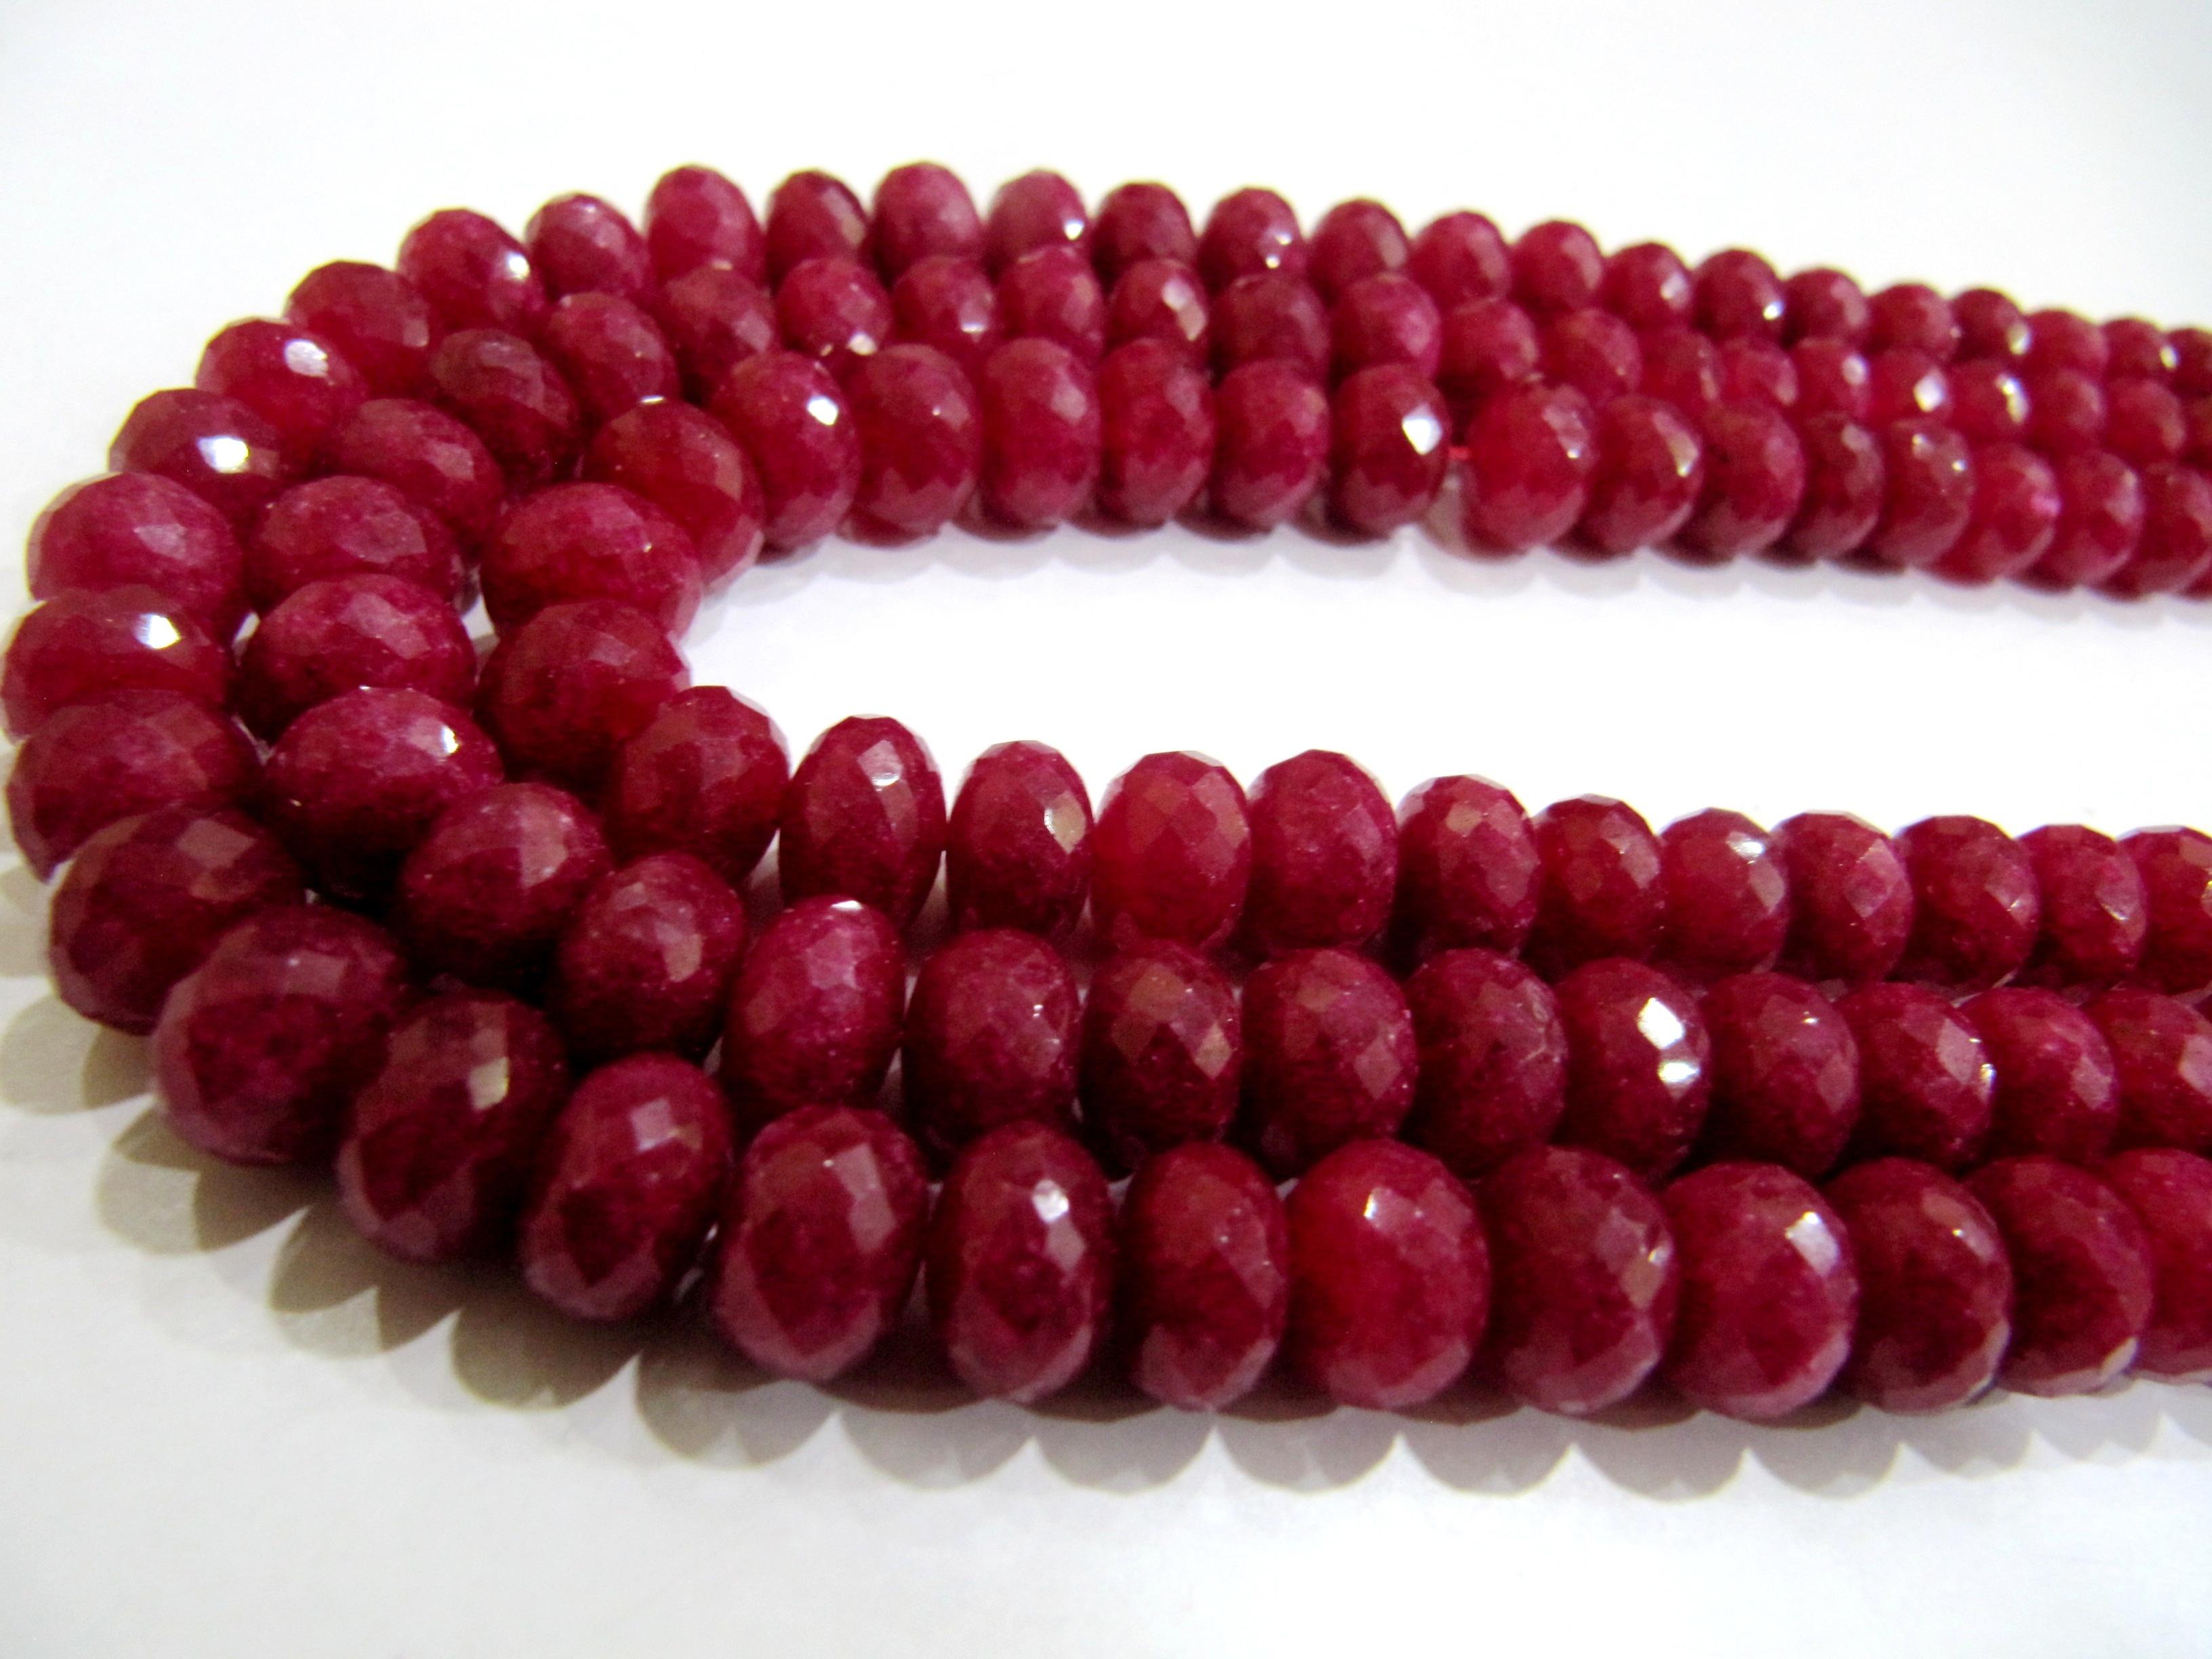 Natural Ruby Quartz Rondelle Faceted